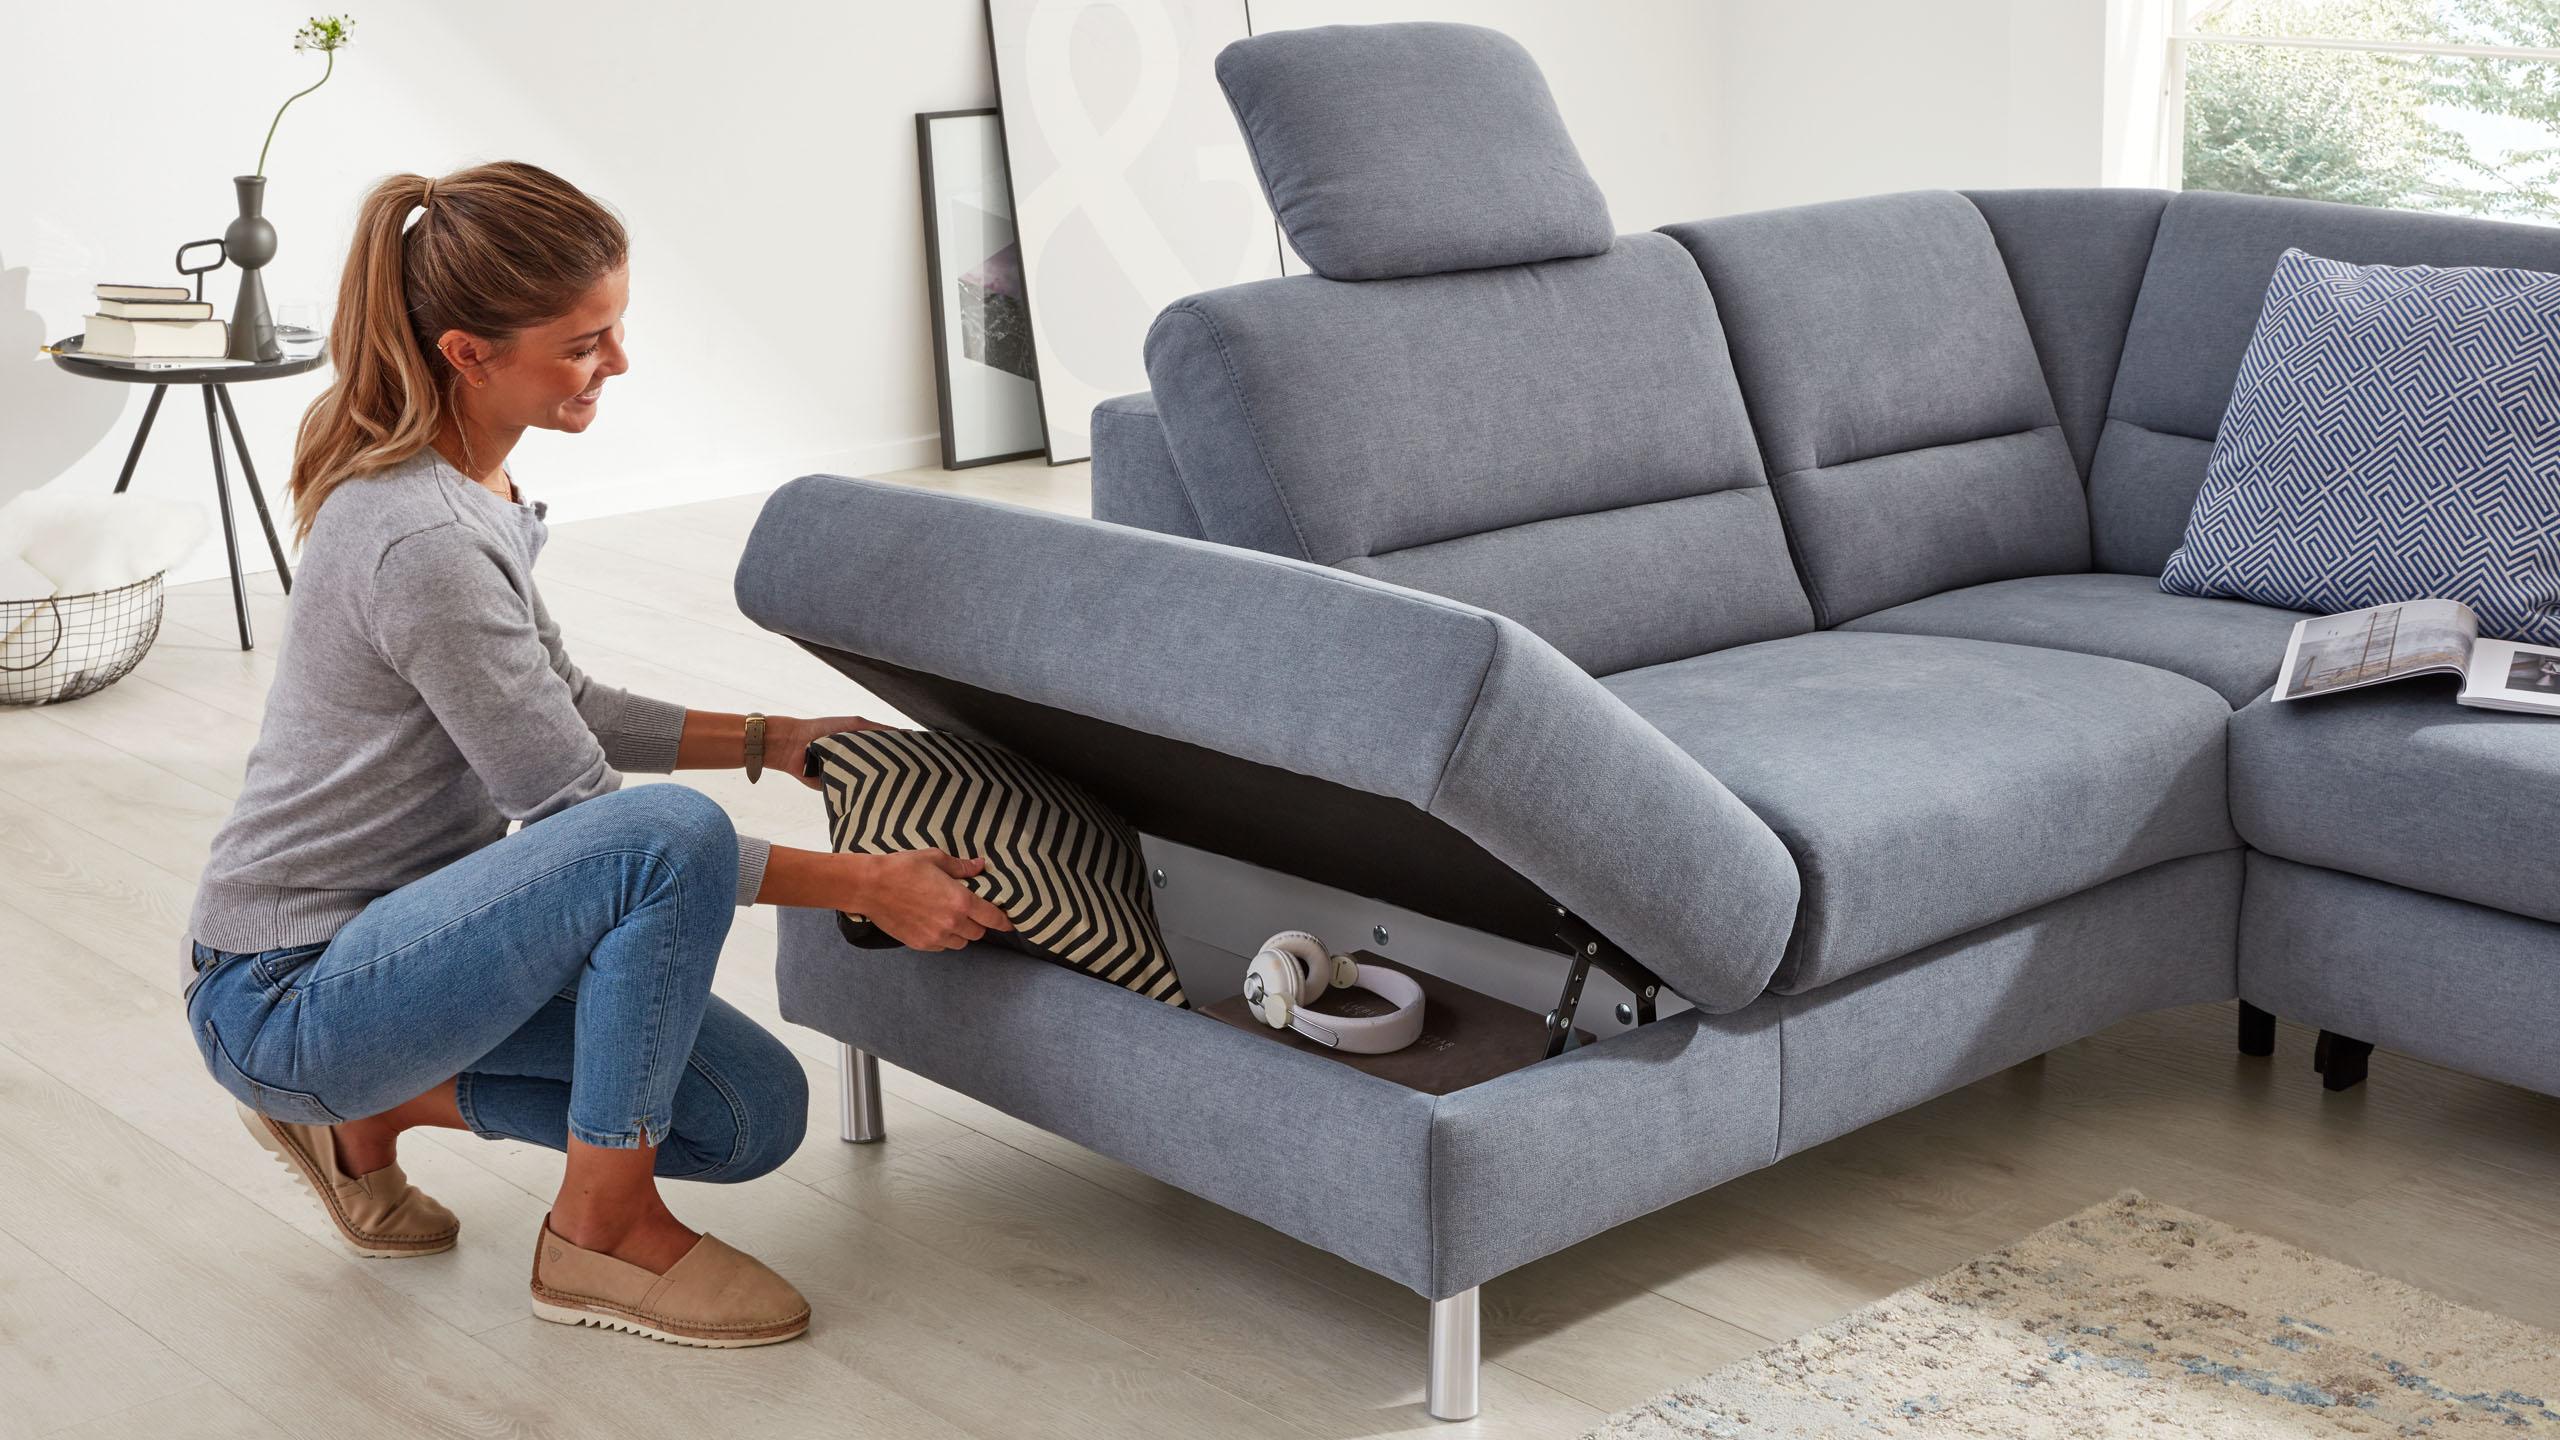 Interliving Sofa Serie 4305 mit Stauraumfunktion